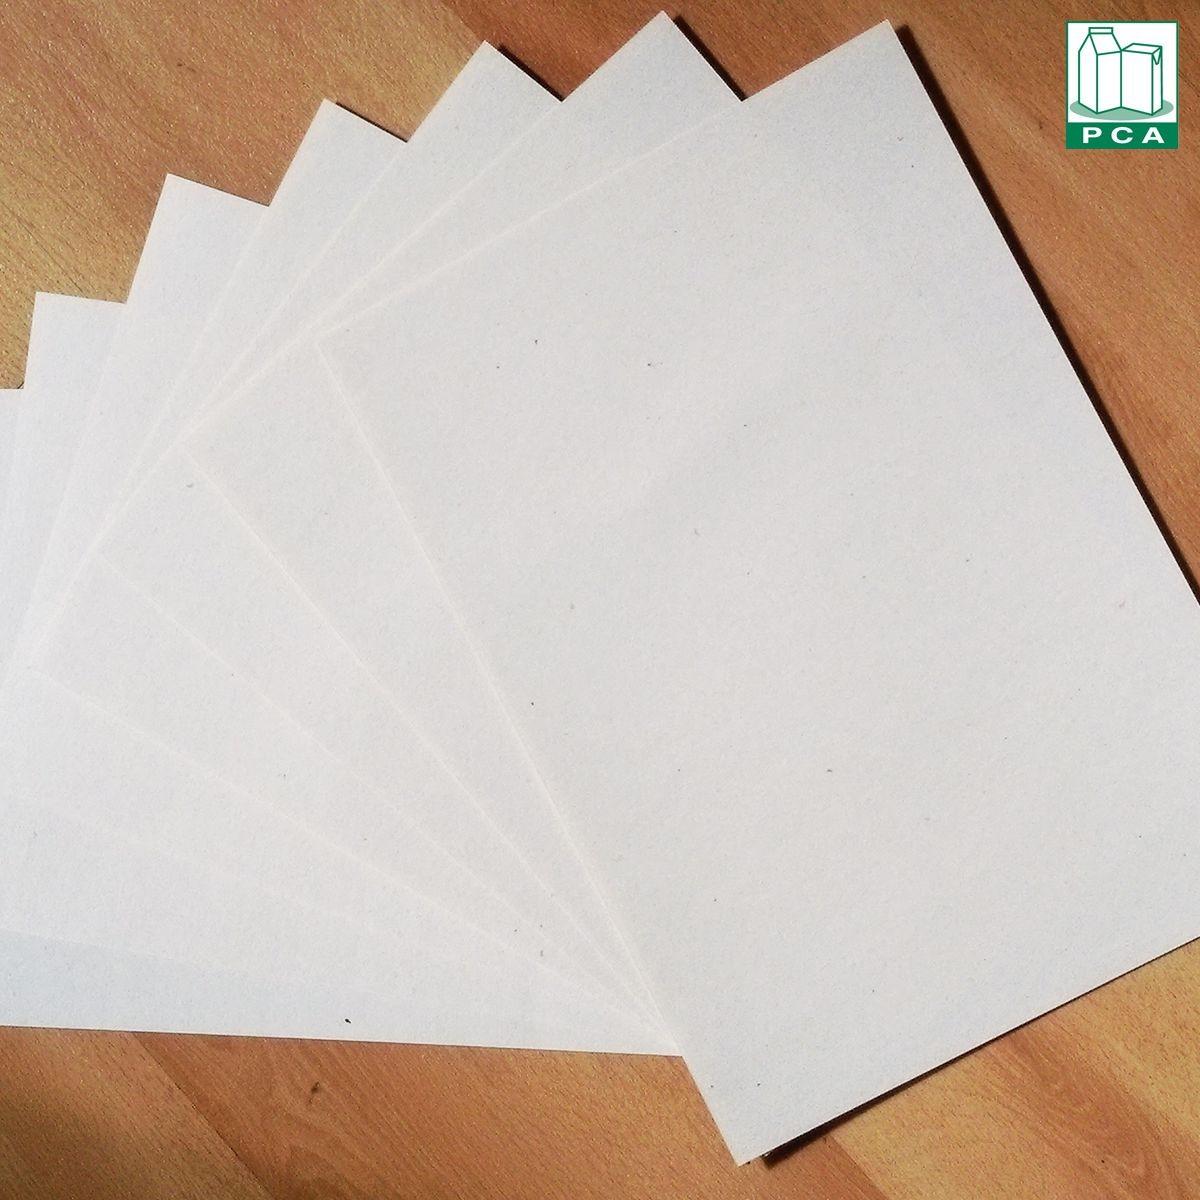 飲料紙盒包再生紙 120g/㎡